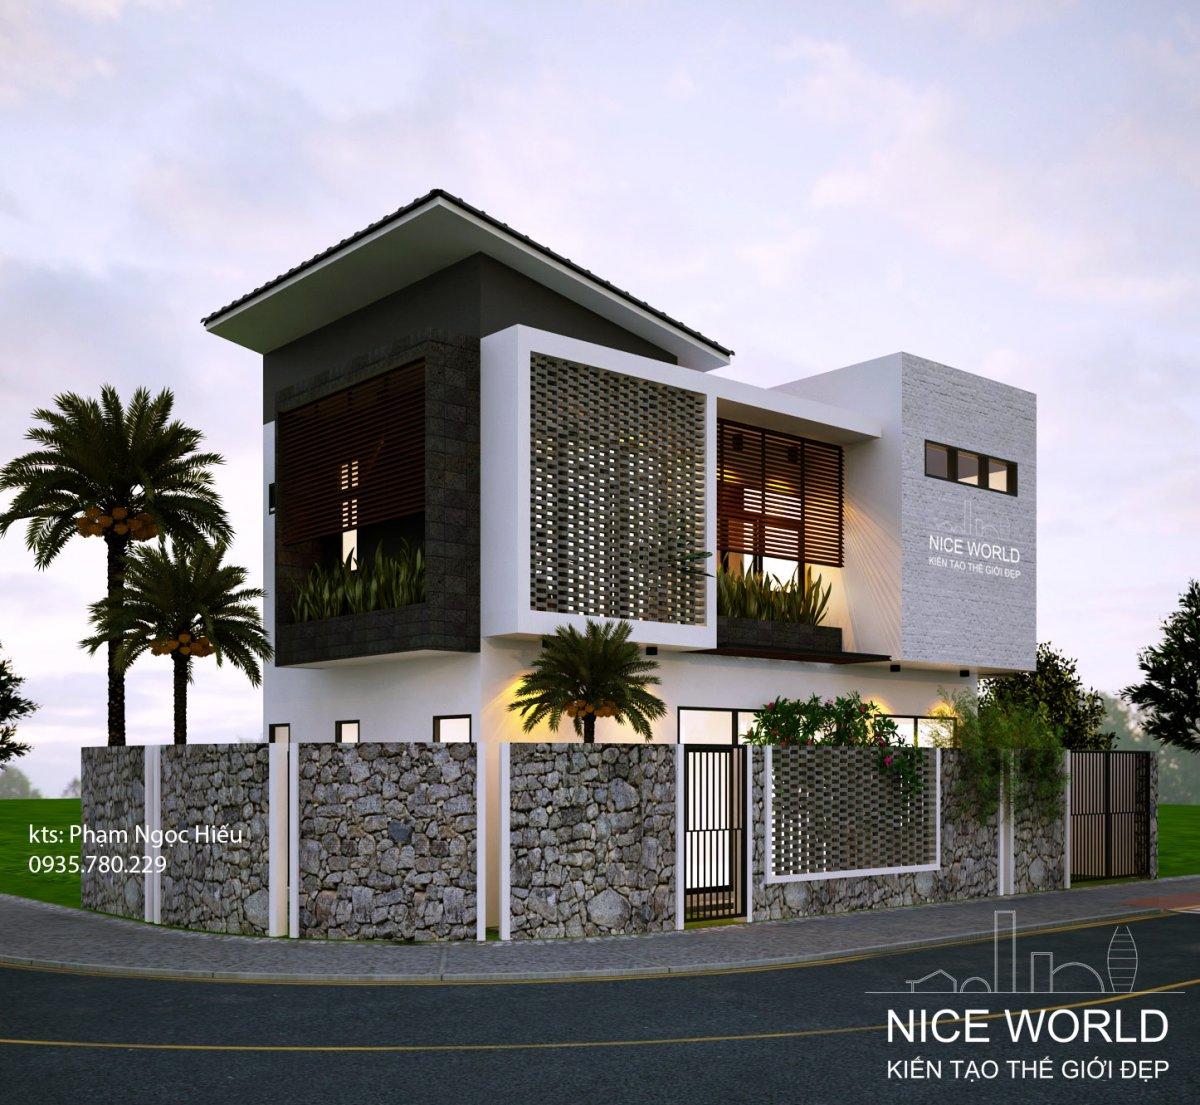 v1 Đã mắt với ngôi nhà thiết kế đẹp độc và lạ xanh mát ấn tượng ở Đà Nẵng. v1